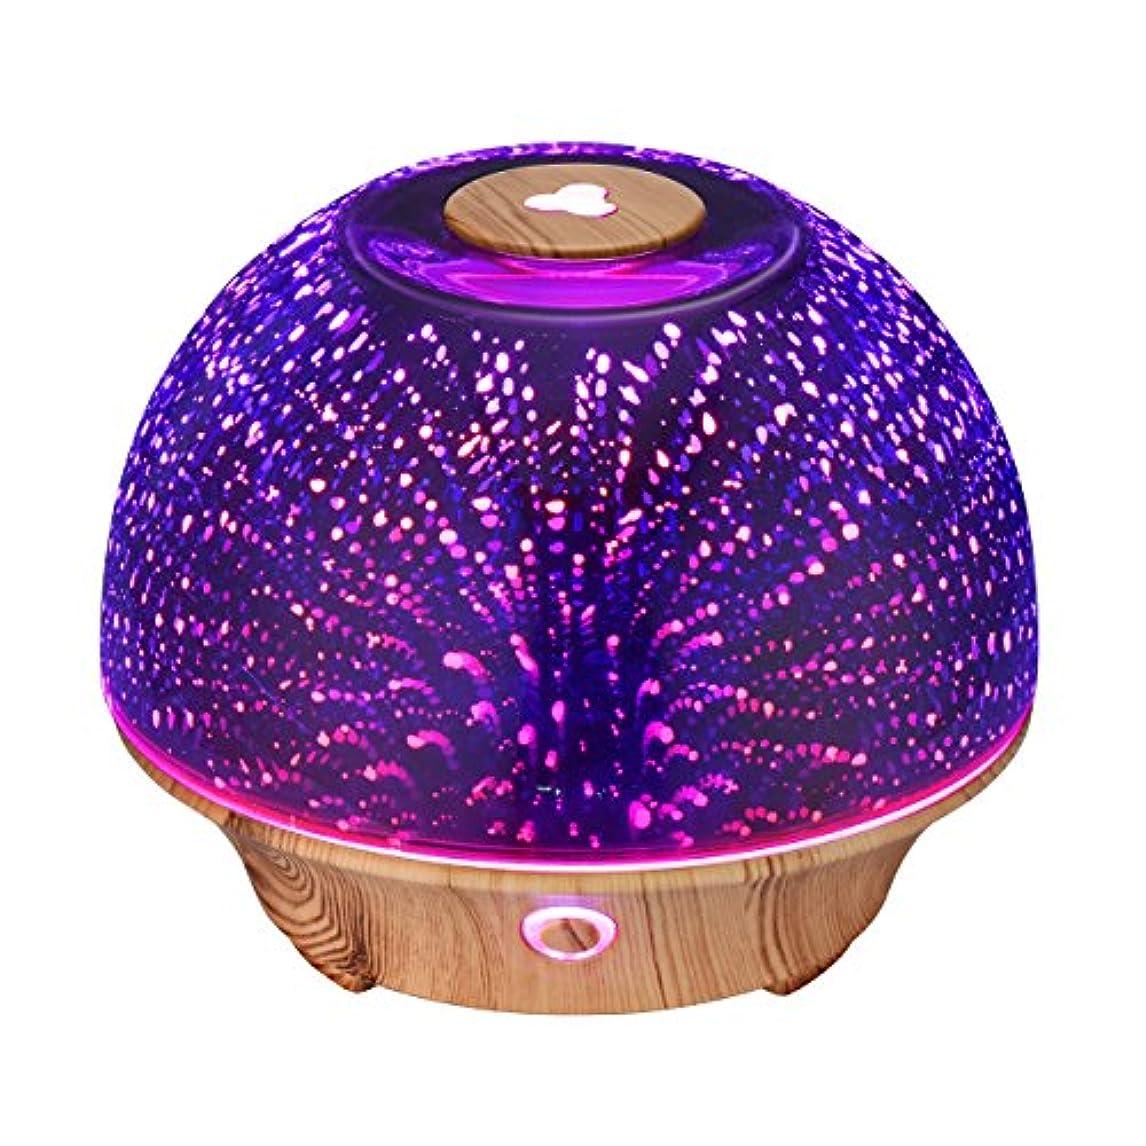 蜂不潔敏感なVicTsing Essential Oil Diffuser, 200ml 3D Effect Ultrasonic Aromatherapy Oil Humidifier with Starburst Fireworks...